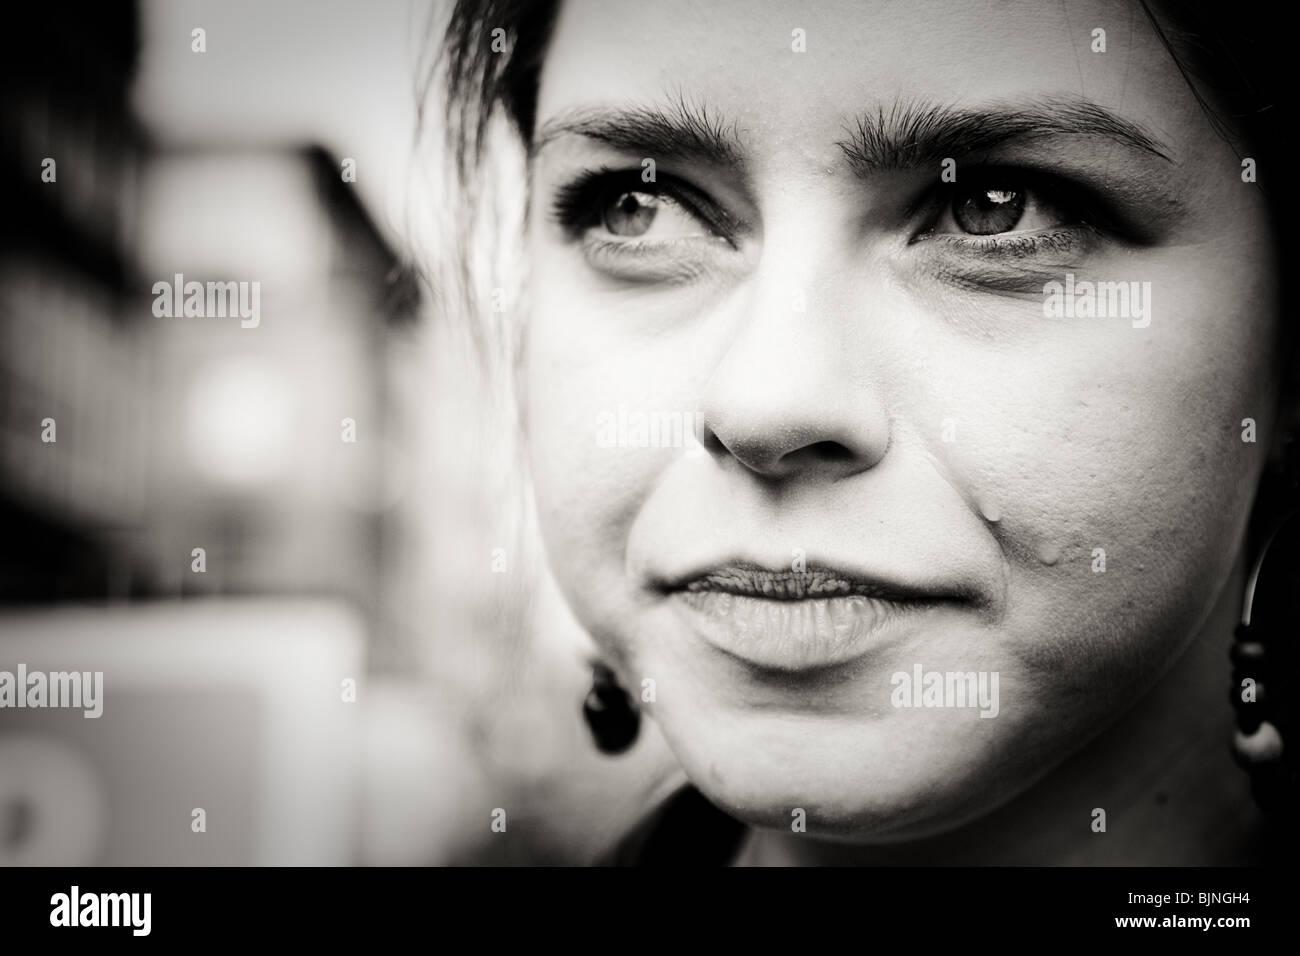 Femme En Larme gros plan du visage de femme avec une larme rouler sur sa joue à